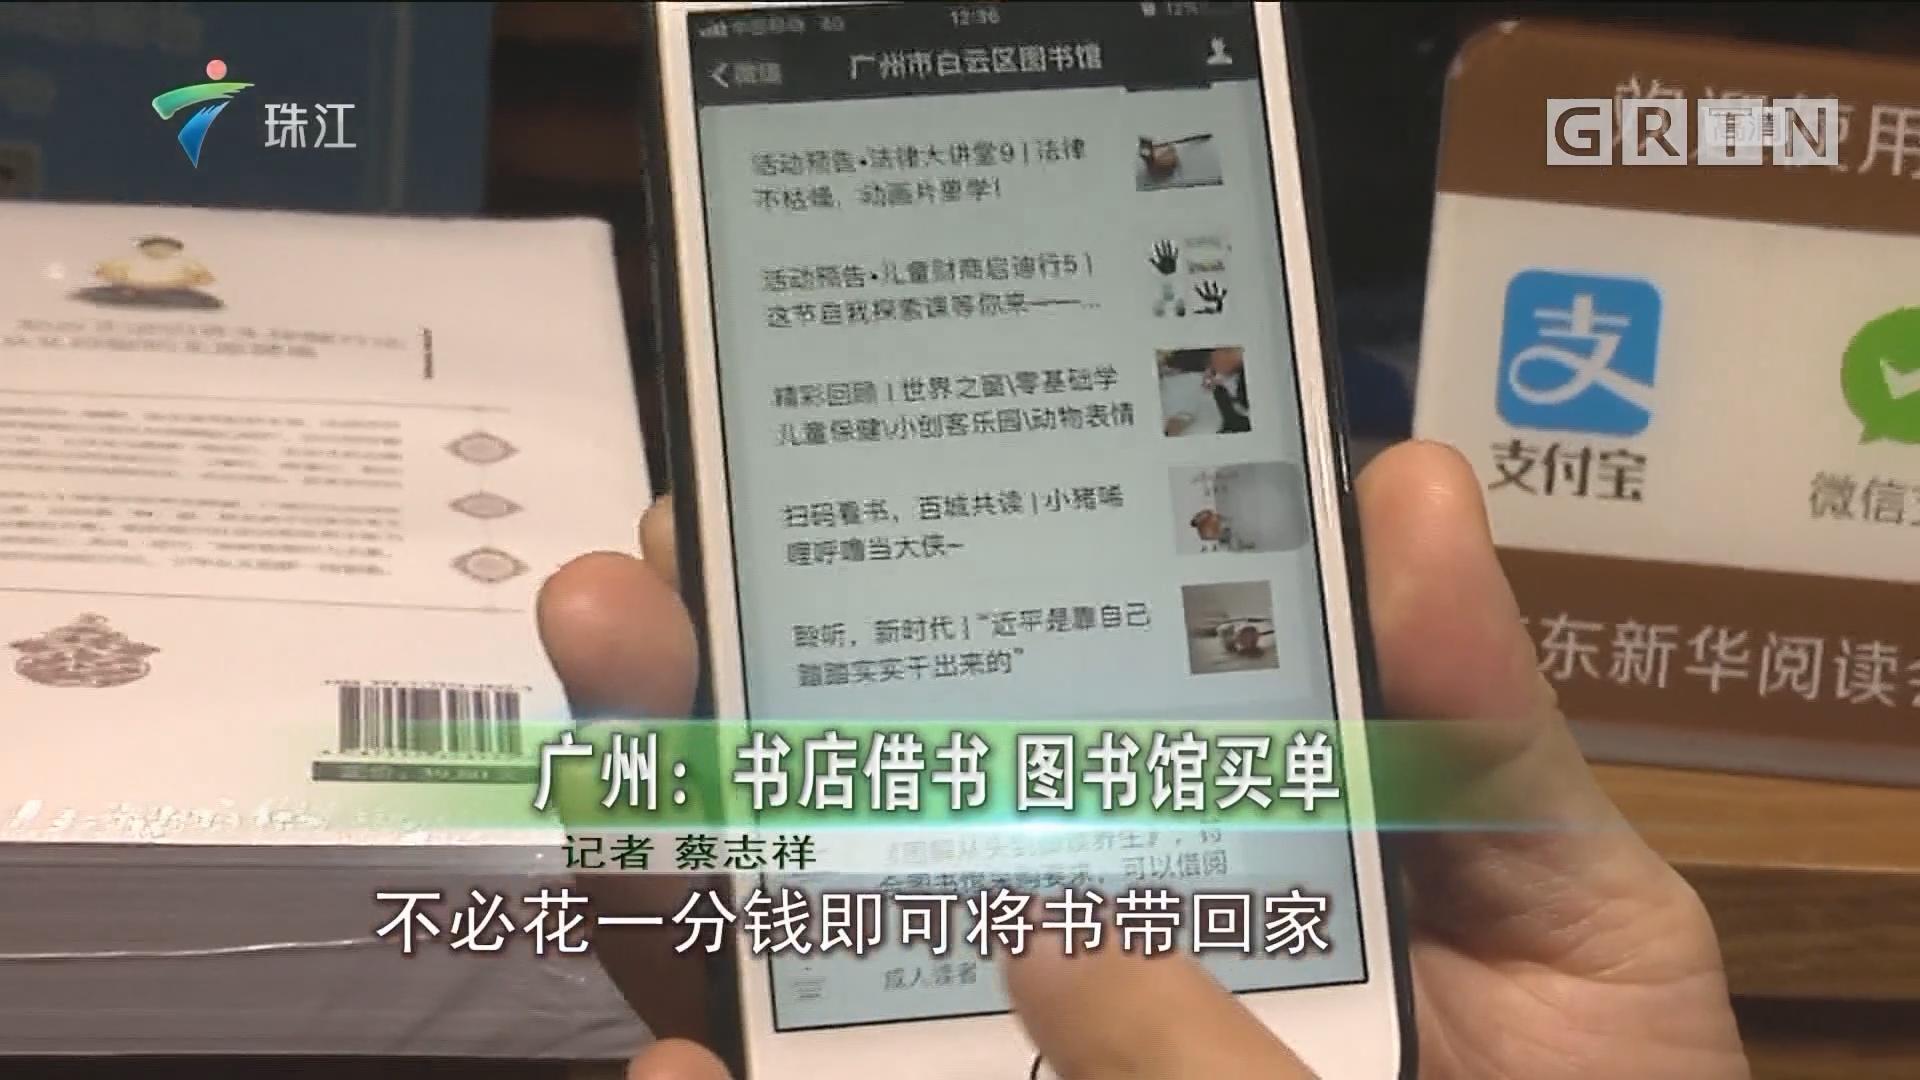 广州:书店借书 图书馆买单